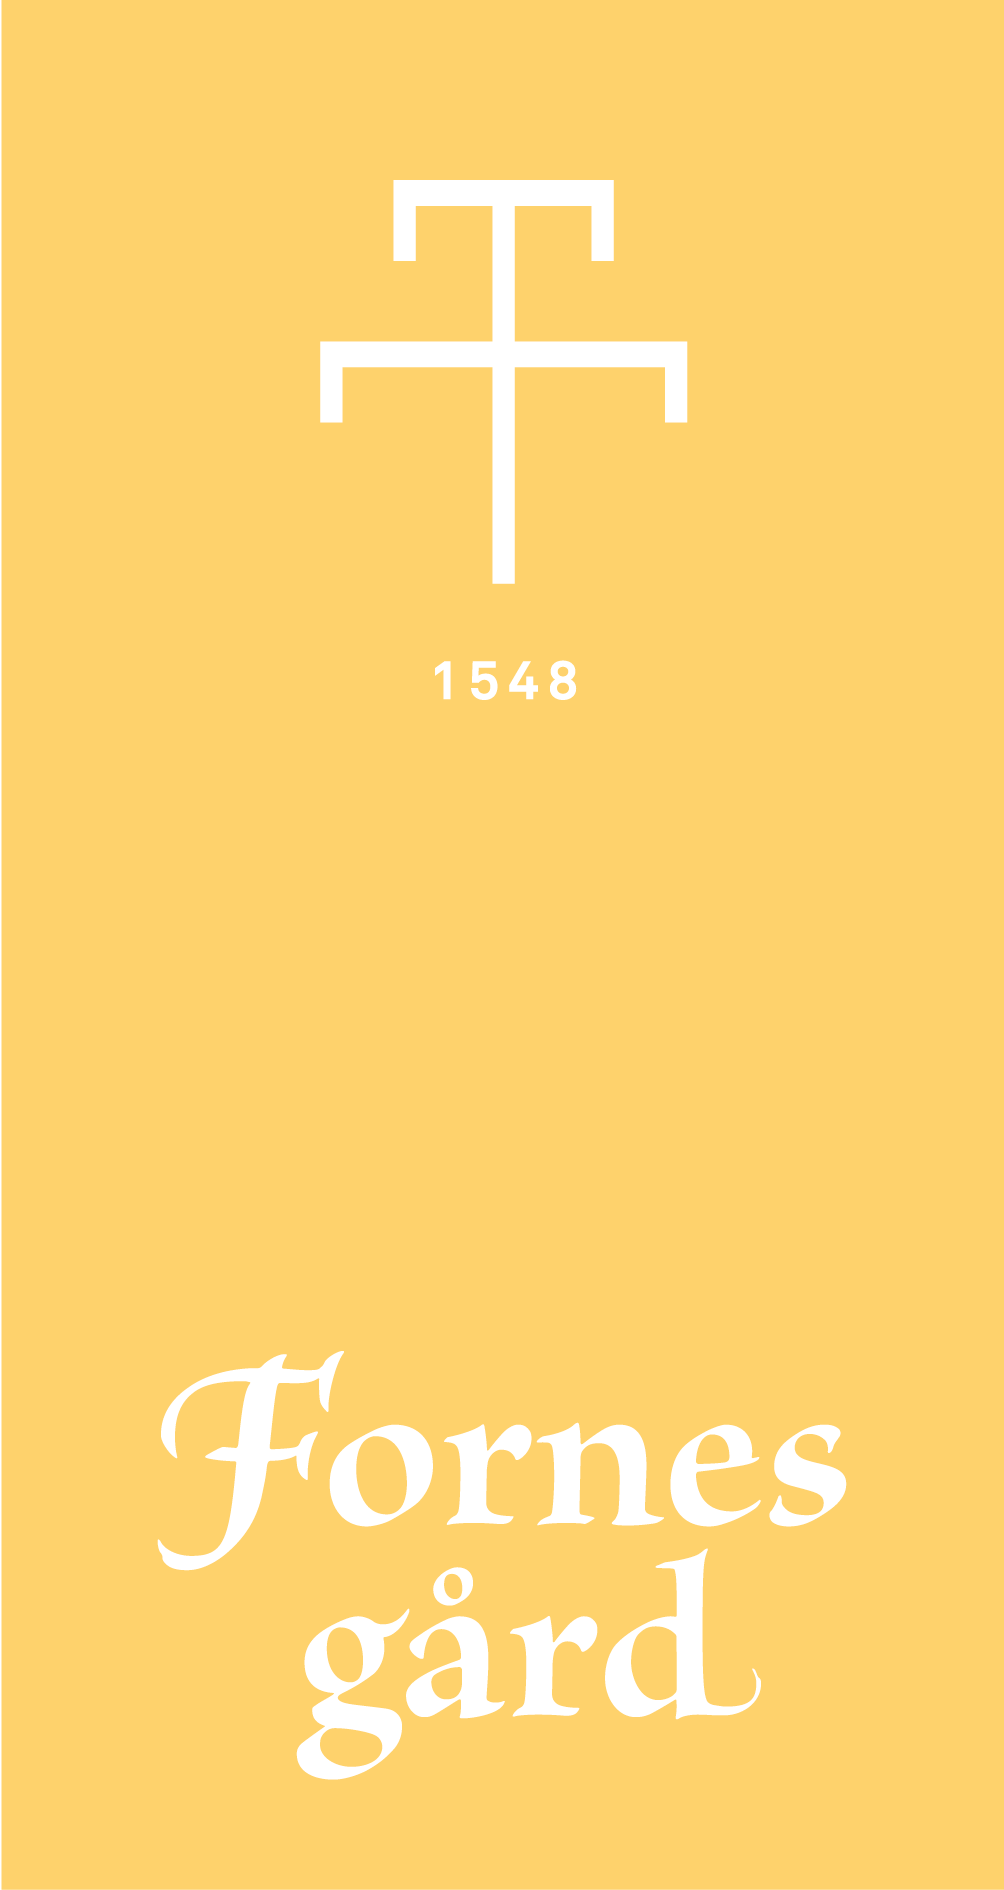 fornes gård logoer høy-10.png